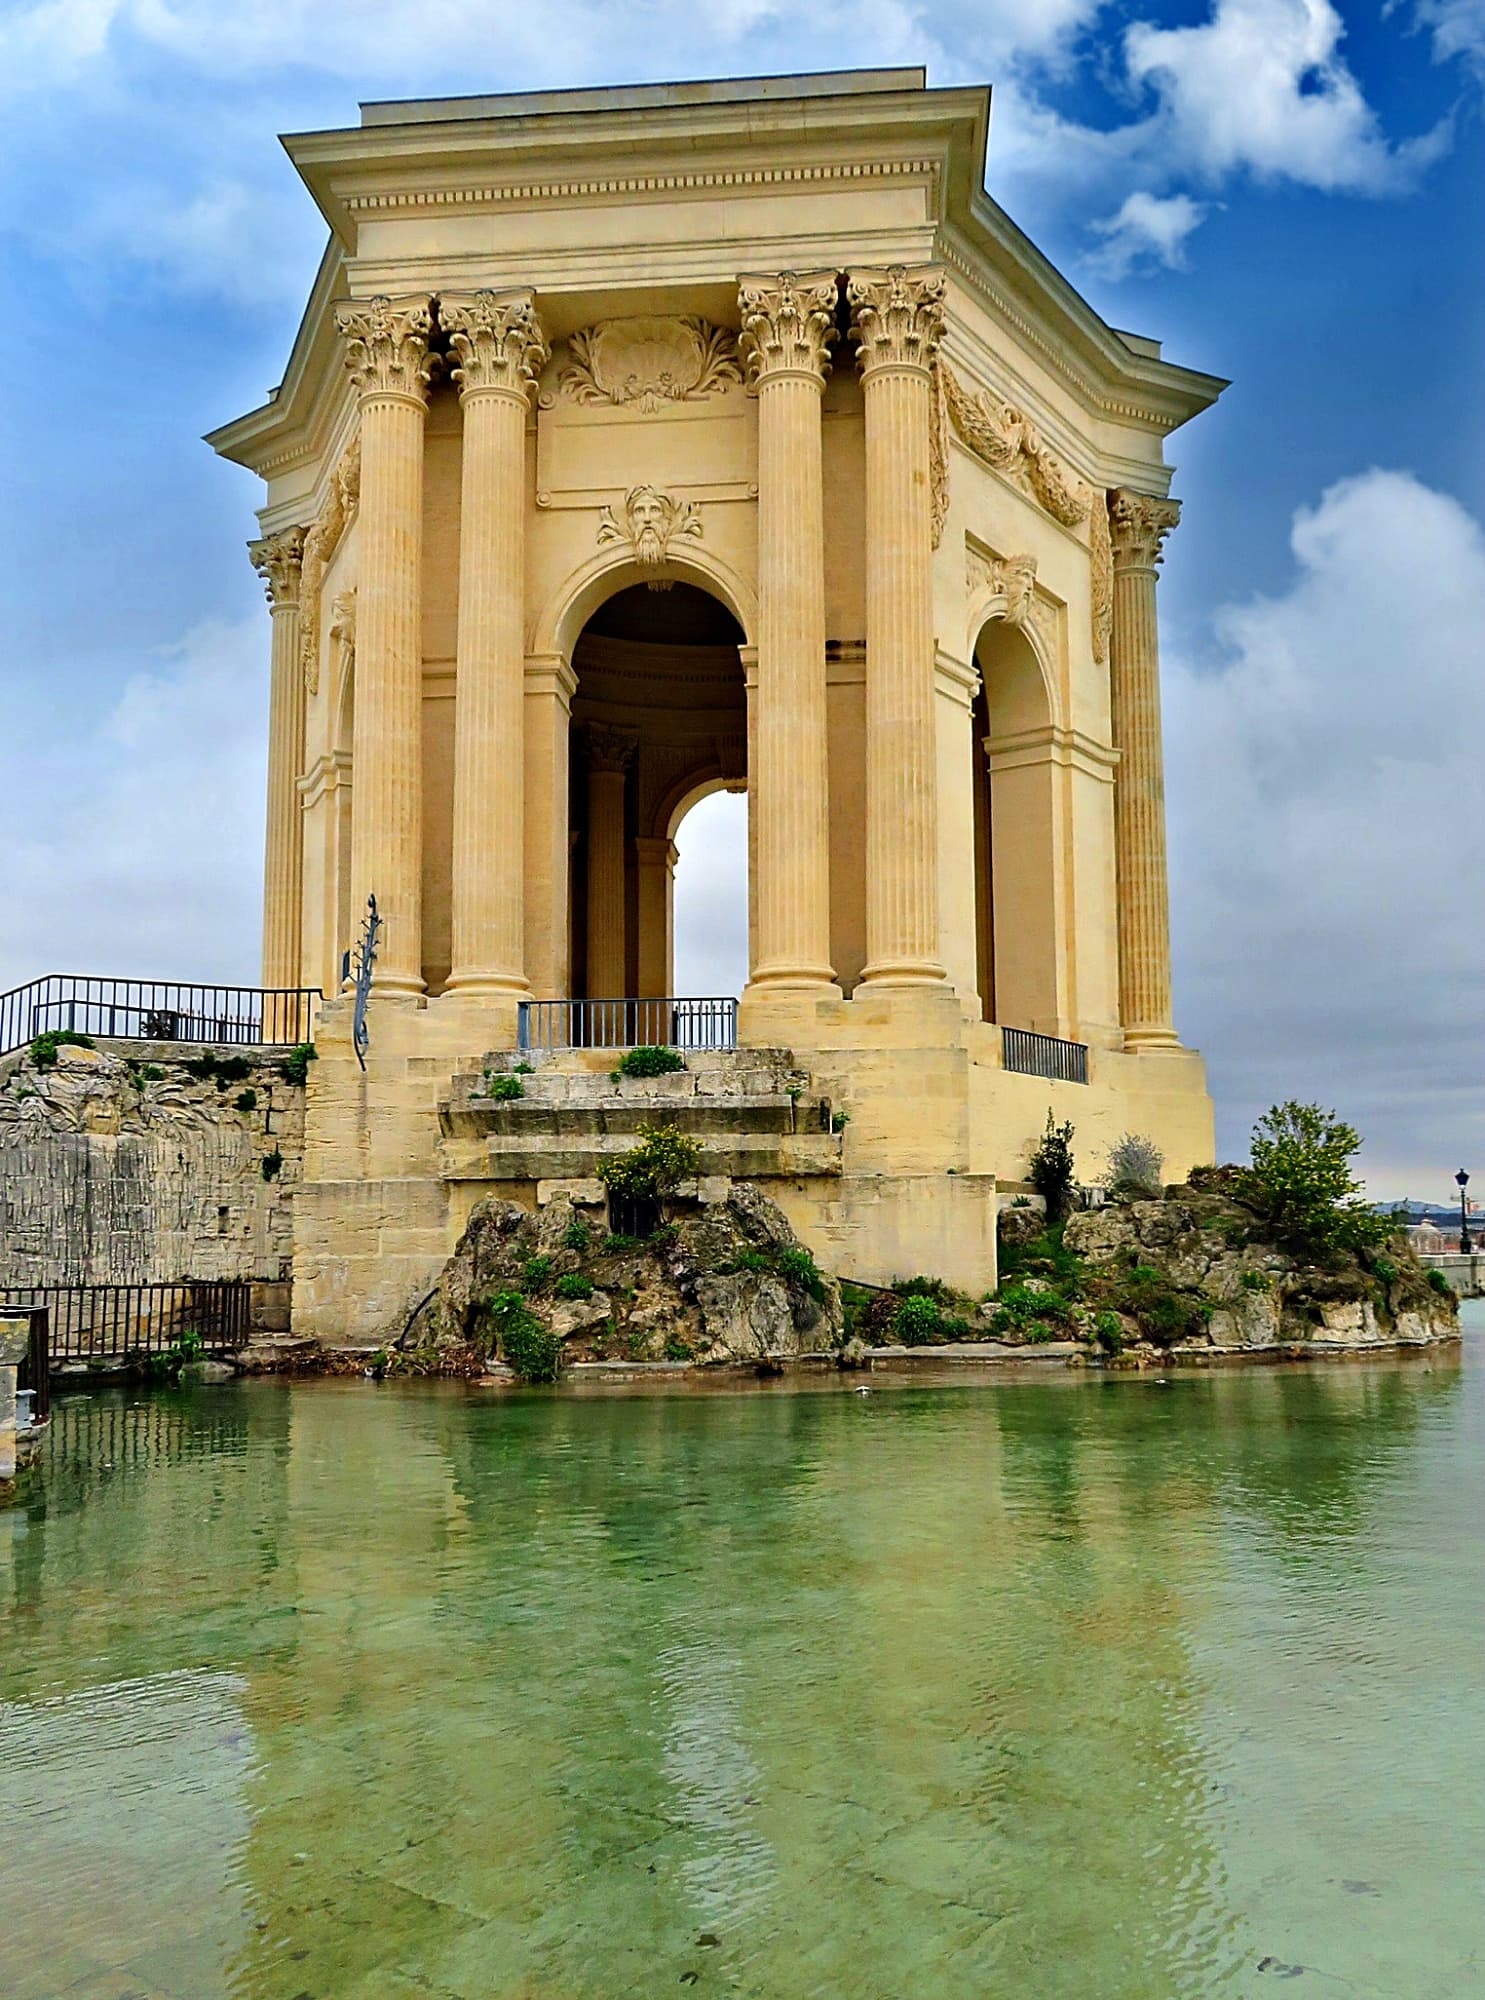 Chateau d-Eau is Aqueduc Saint-Clement in Montpellier, France